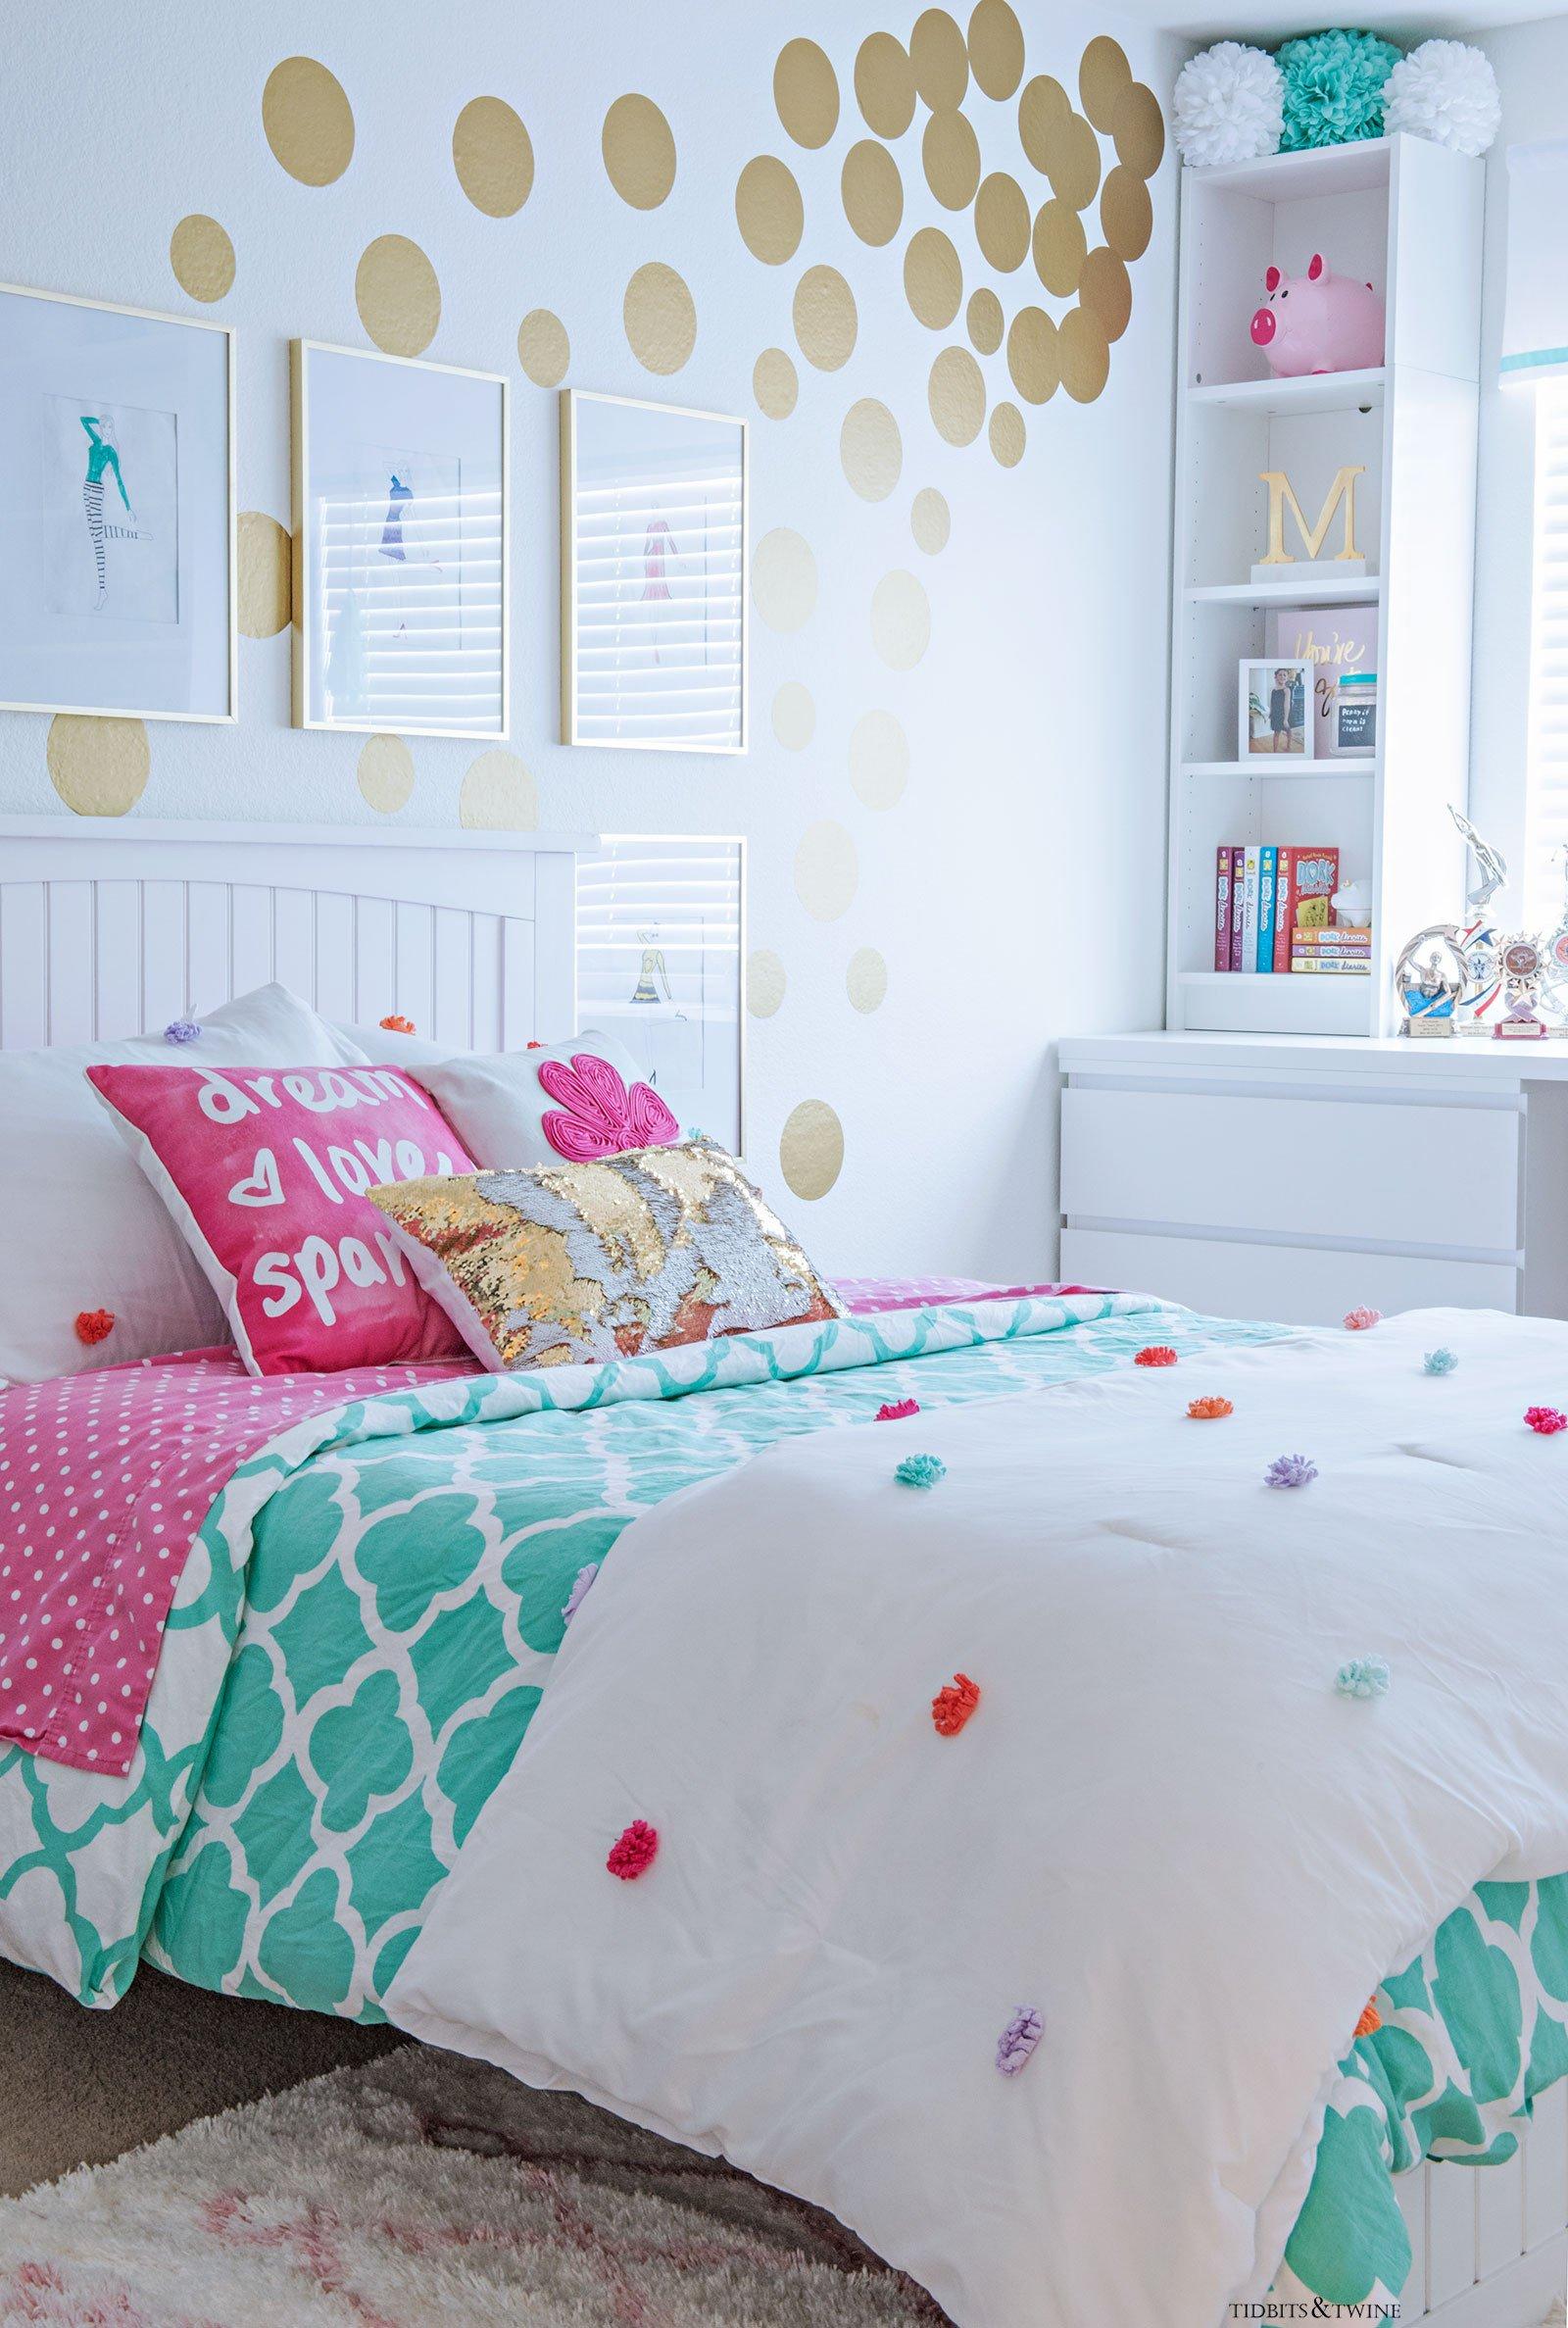 Decor Ideas for Girl Bedroom Unique Tween Girl S Bedroom Makeover Reveal Tidbits&twine